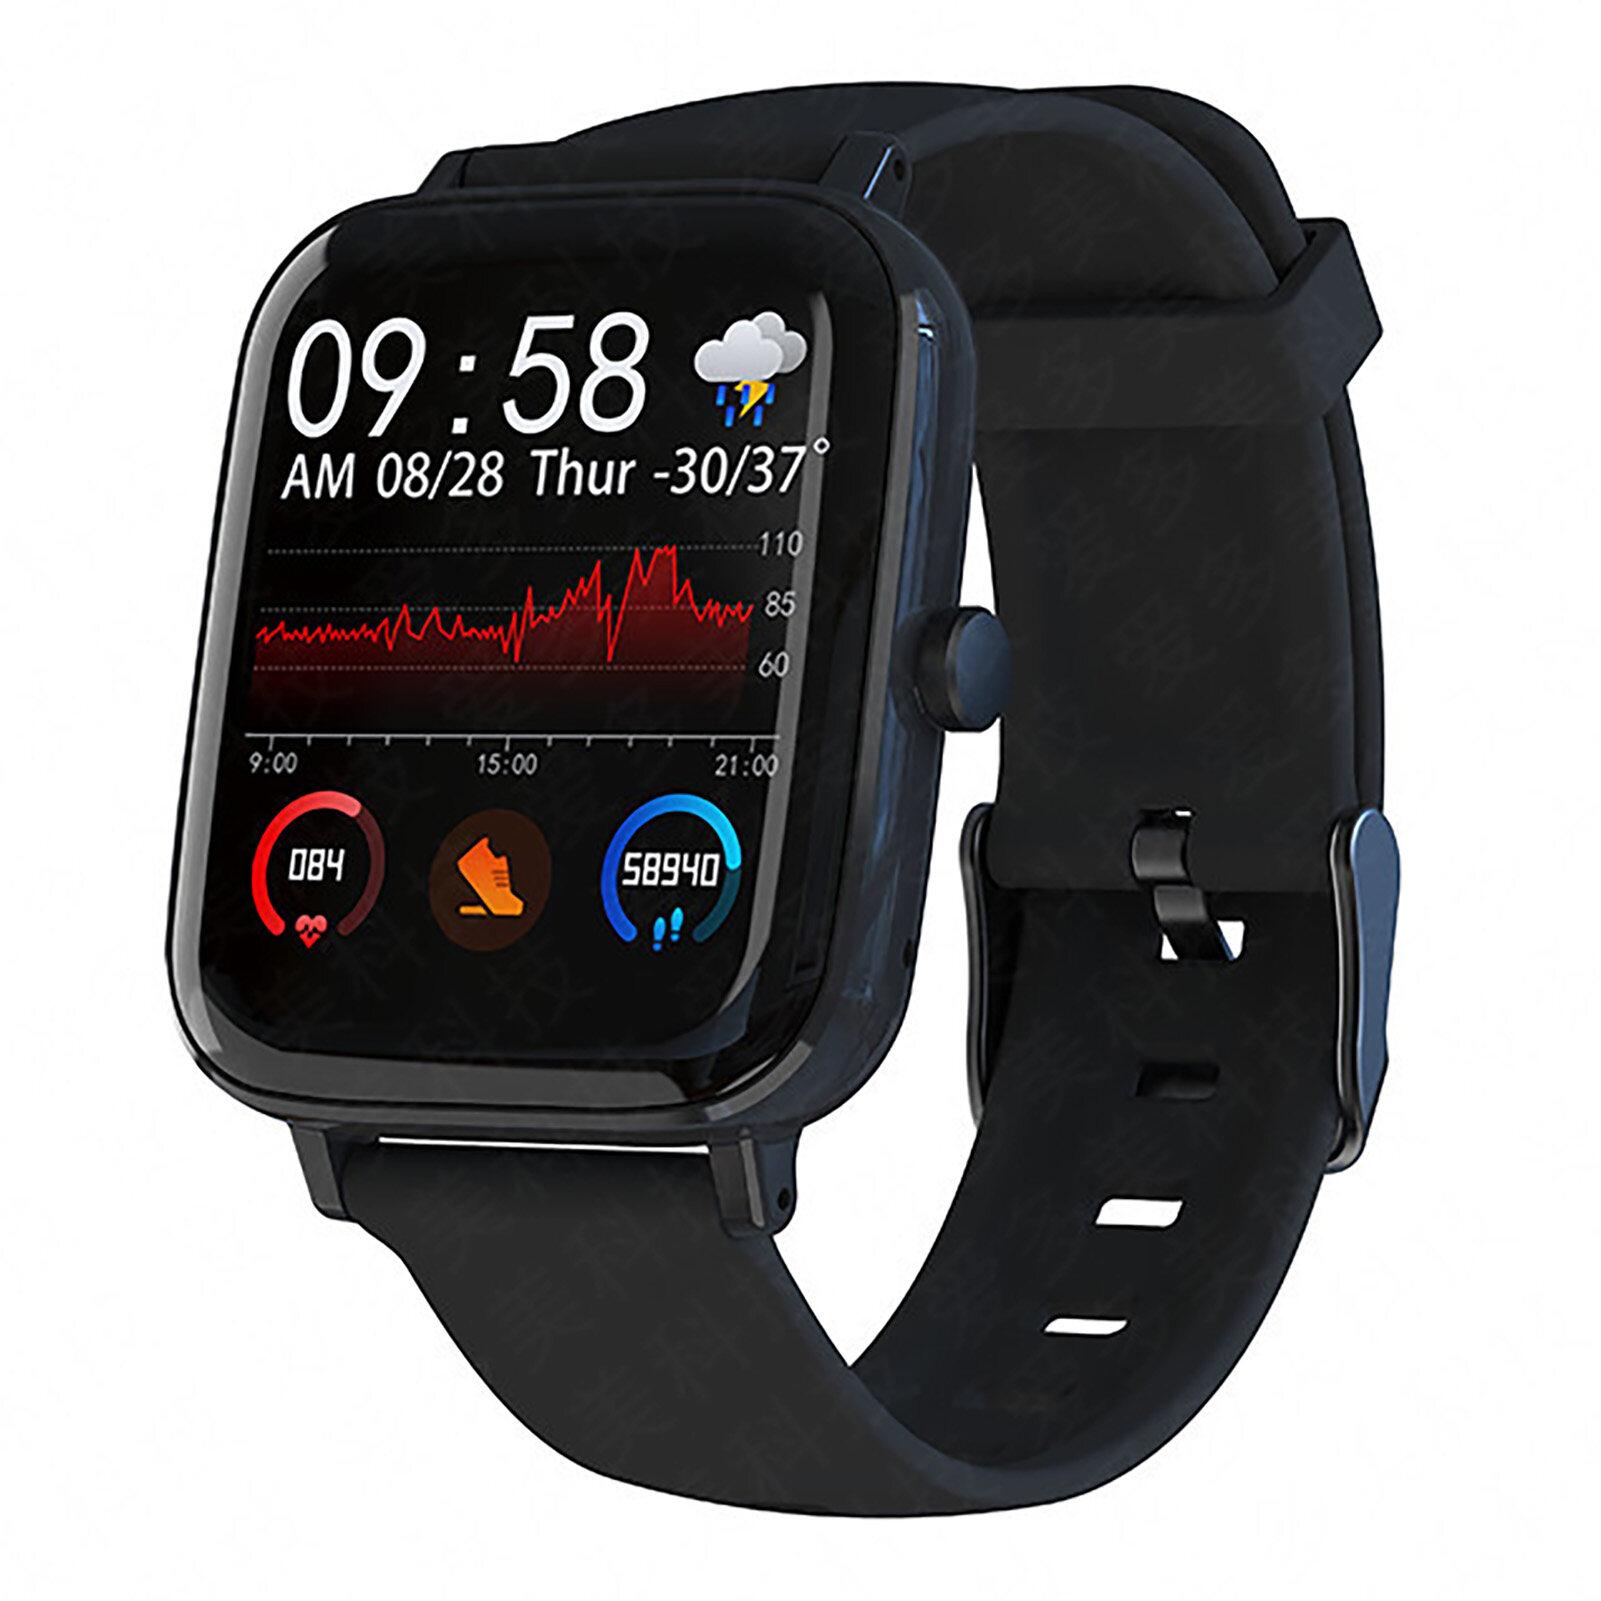 Màn Hình Cảm Ứng Thông Minh 1.54 Inch Bluetooth Chống Nước Có Thể Sạc Lại GT168 Đồng Hồ Thông Minh Thể Thao Chống Nước Bluetooth Cho Nam Và Nữ, Dây Đeo Thông Minh Theo Dõi Nhịp Tim Thể Thao Androidios Phù Hợp